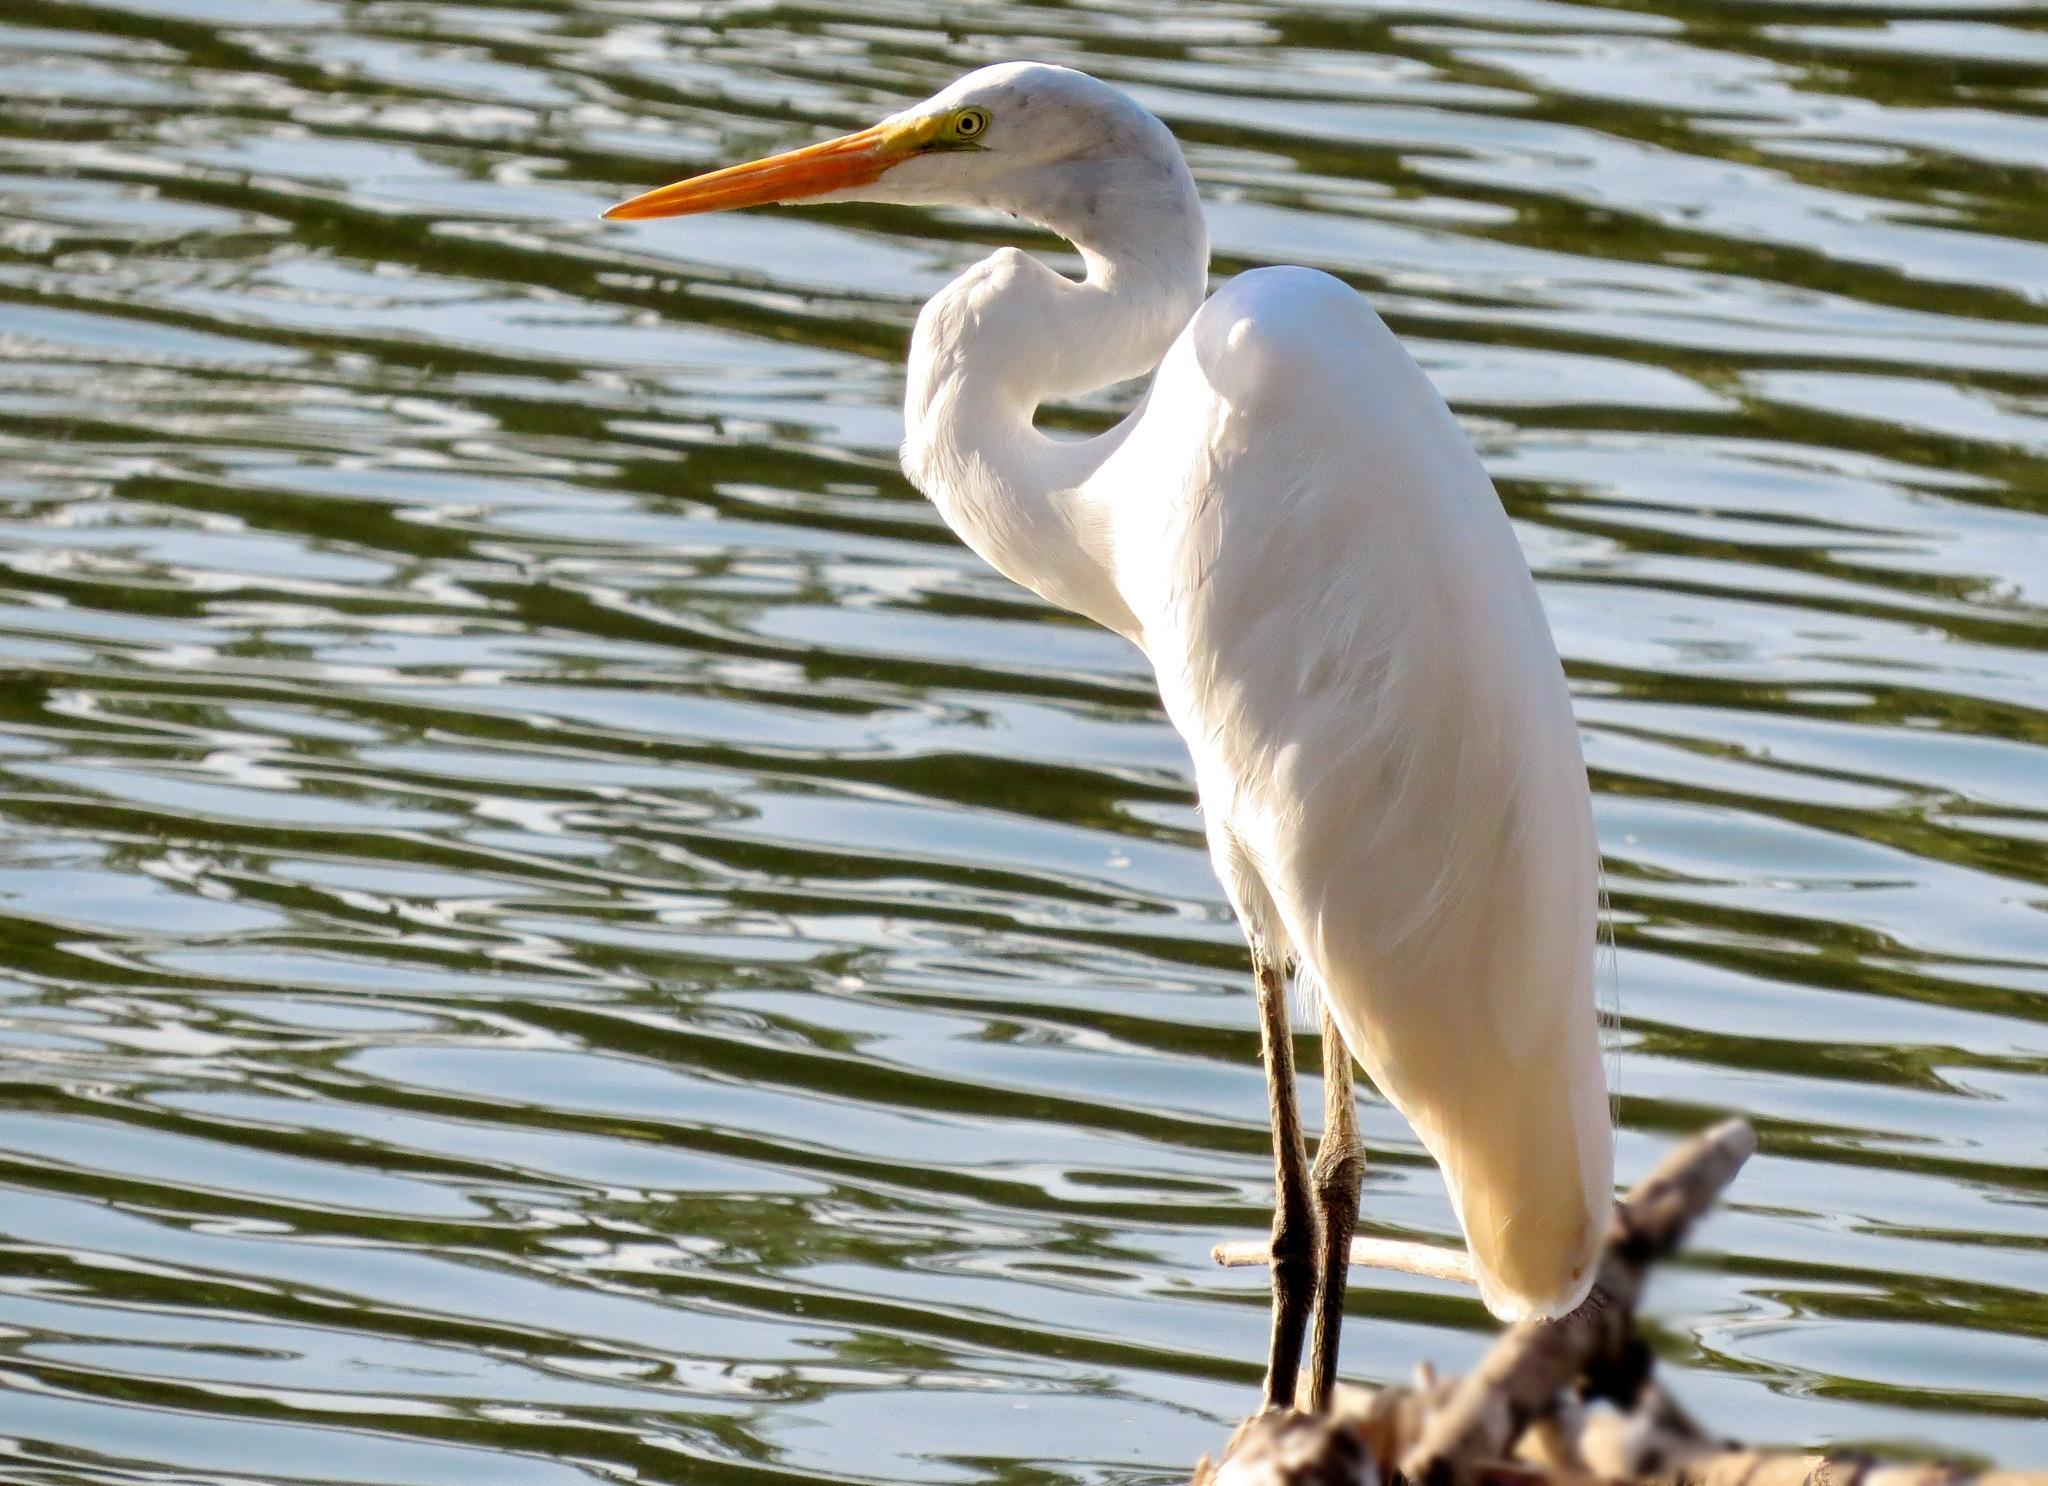 White heron by Nestor